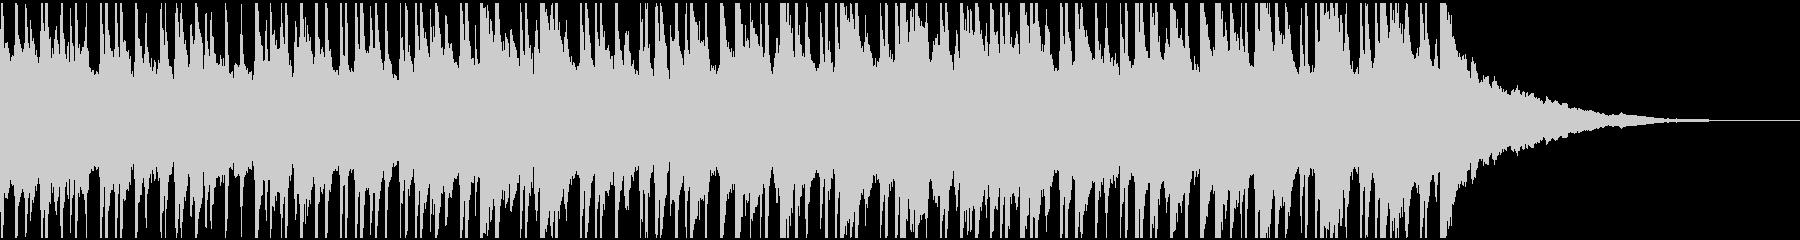 ウクレレ、ピアノの楽しい楽曲60秒Bの未再生の波形